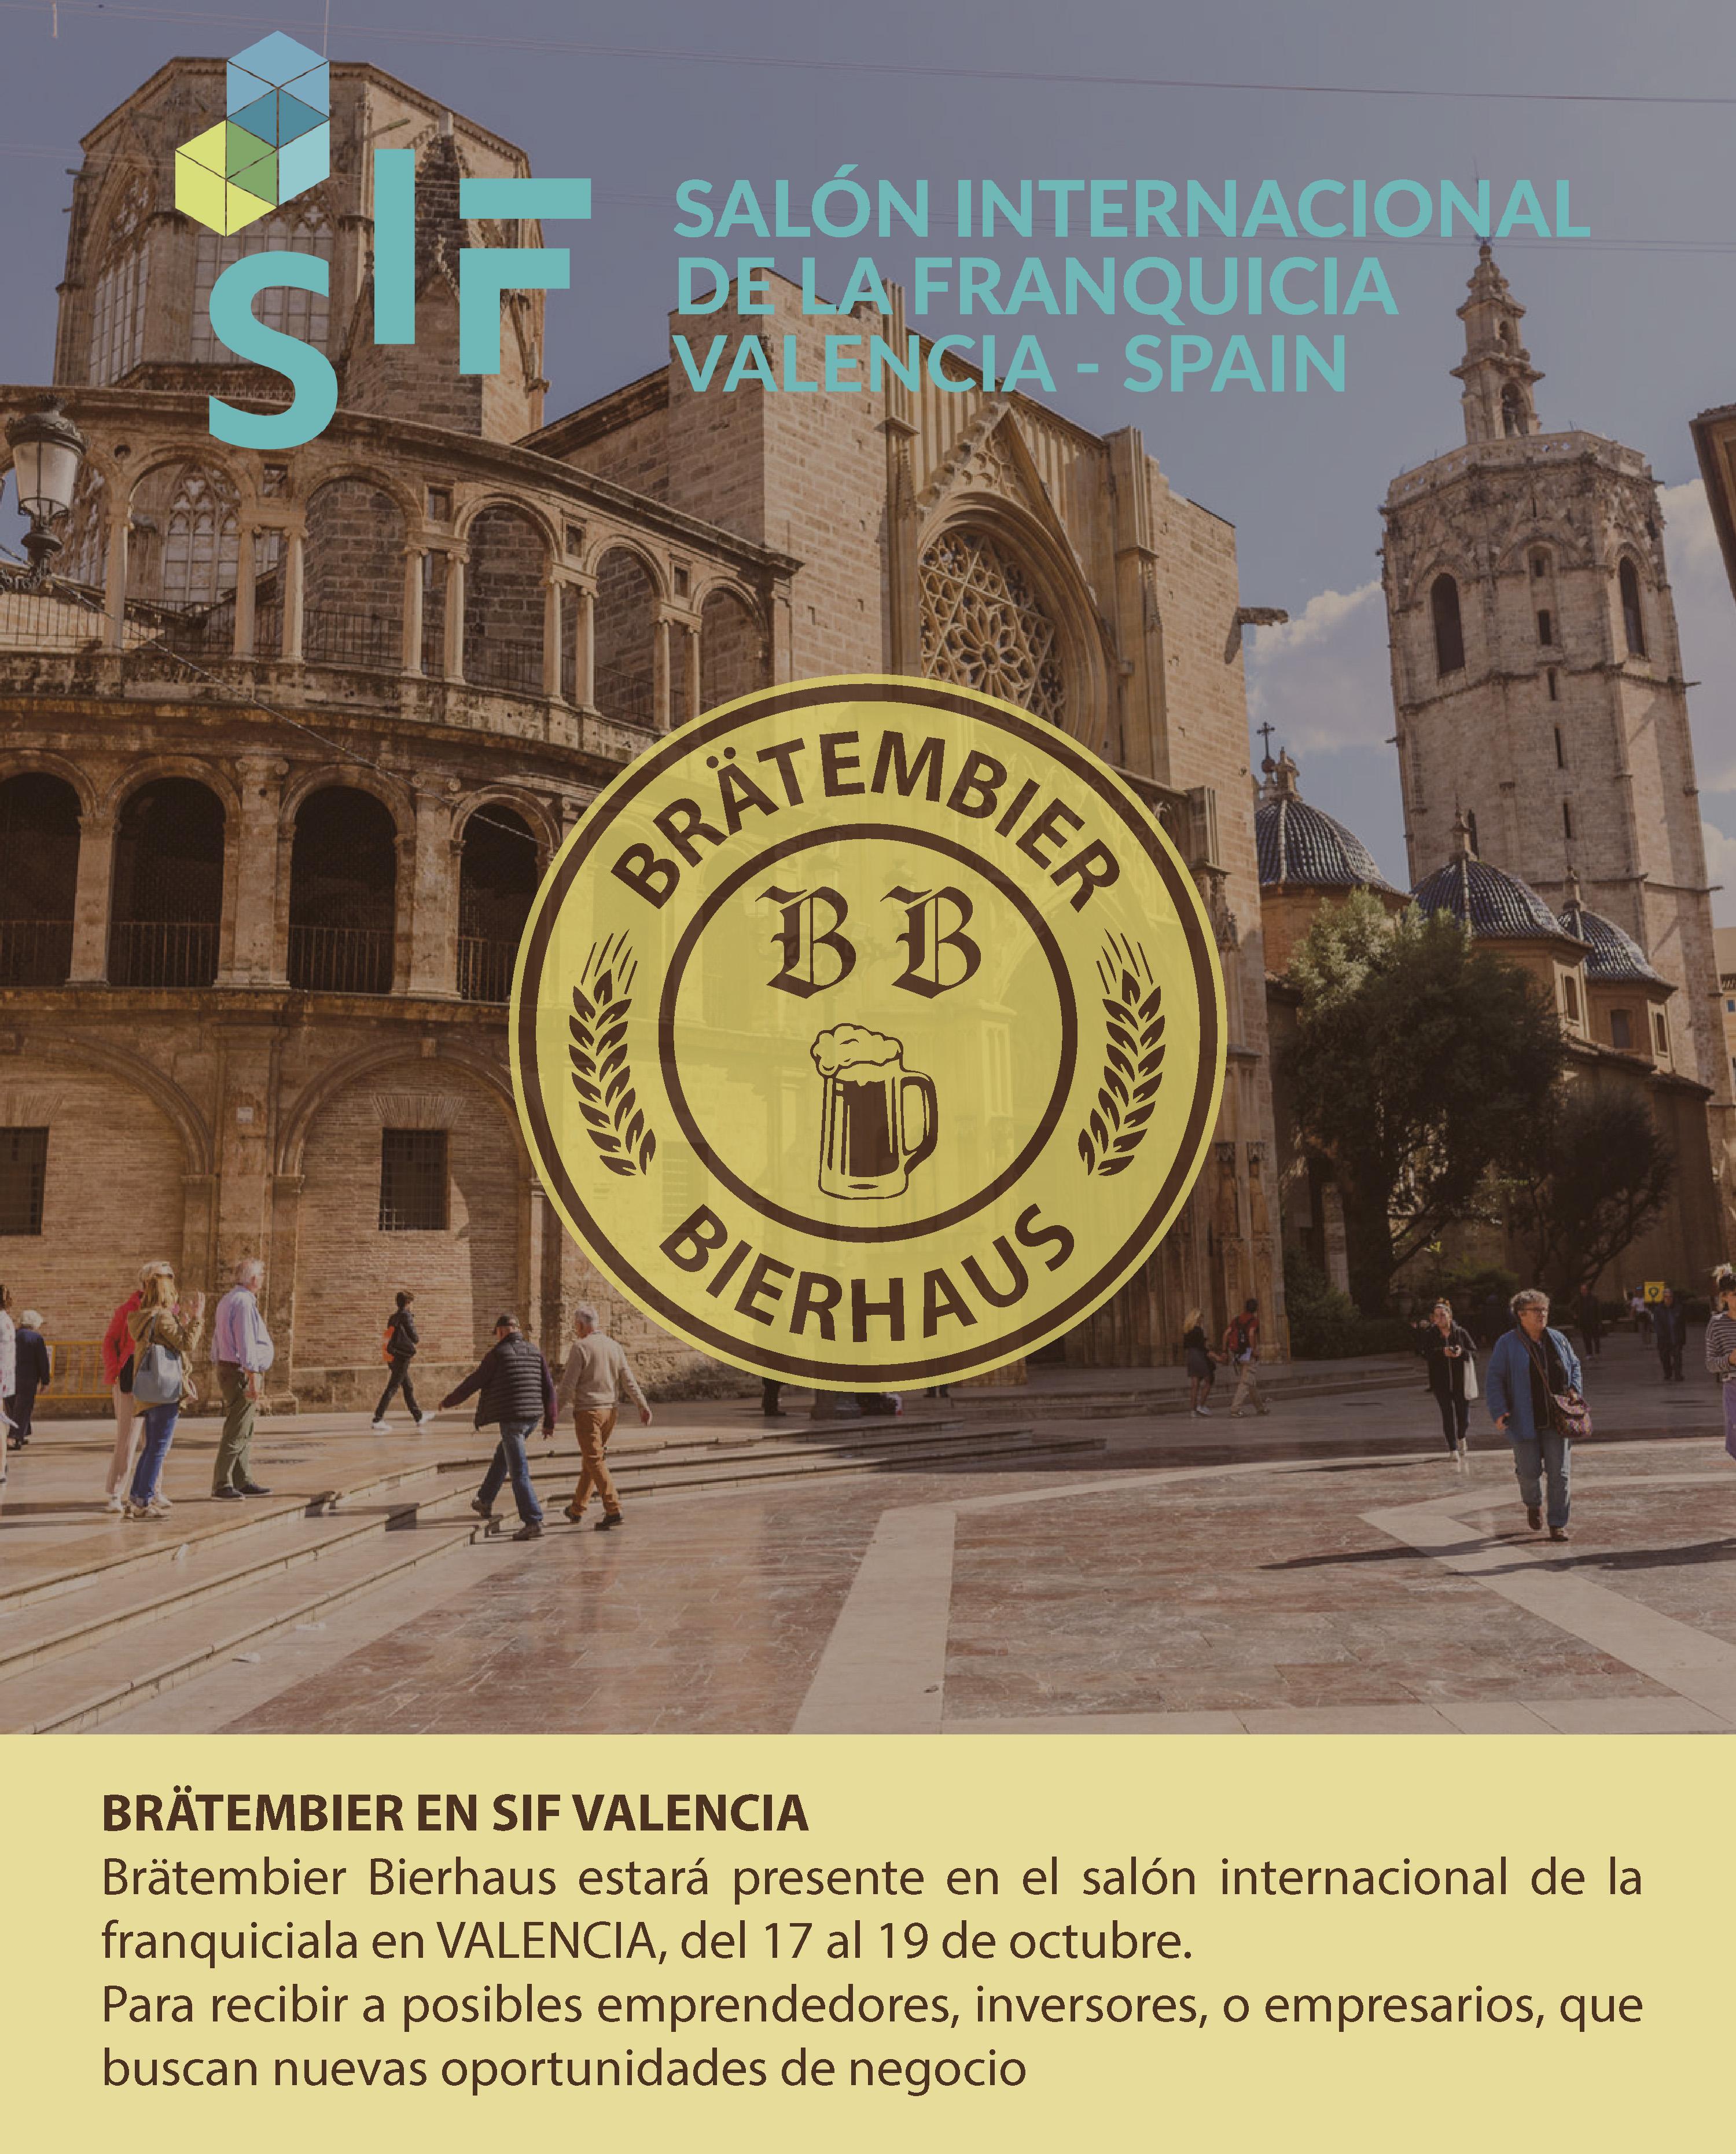 SIF Valencia 2019 Bratembier Bierhaus Feria